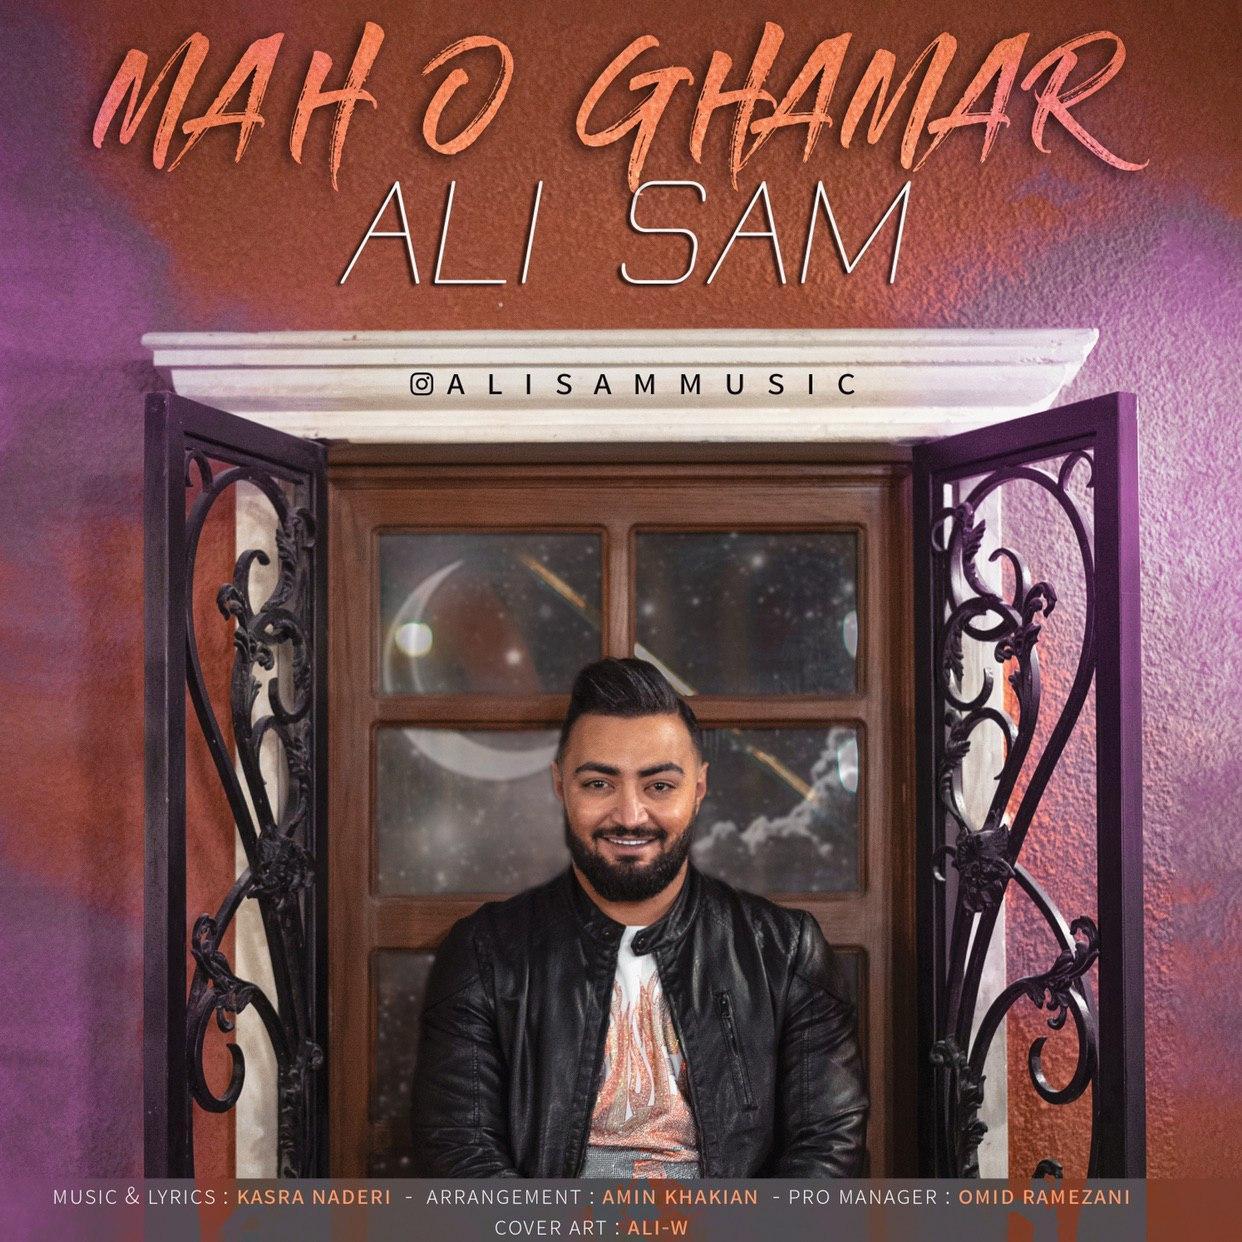 https://www.ganja2music.com/Image/Post/3.2020/Ali%20Sam%20-%20Mah%20o%20Ghamar.jpg